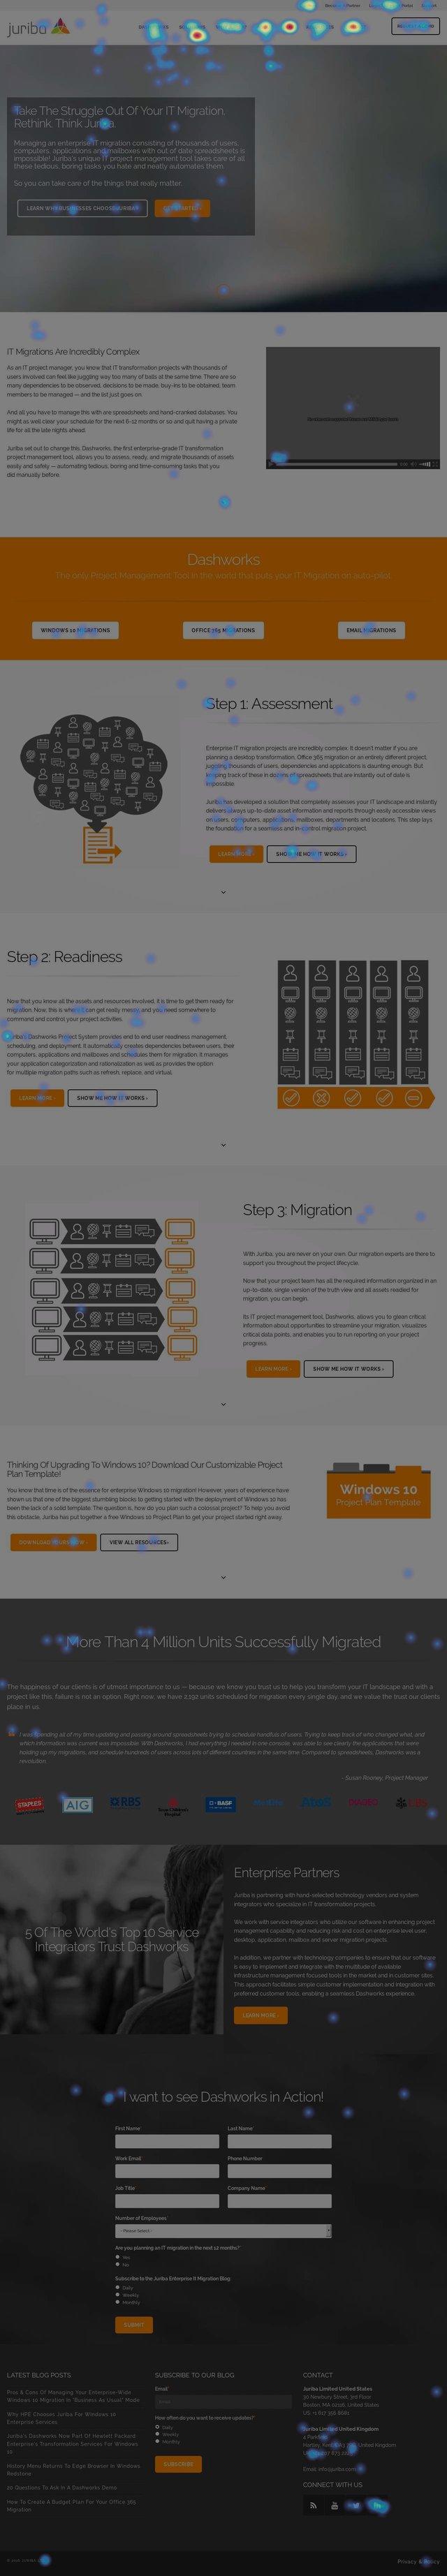 heatmap-374532-click-desktop.jpg